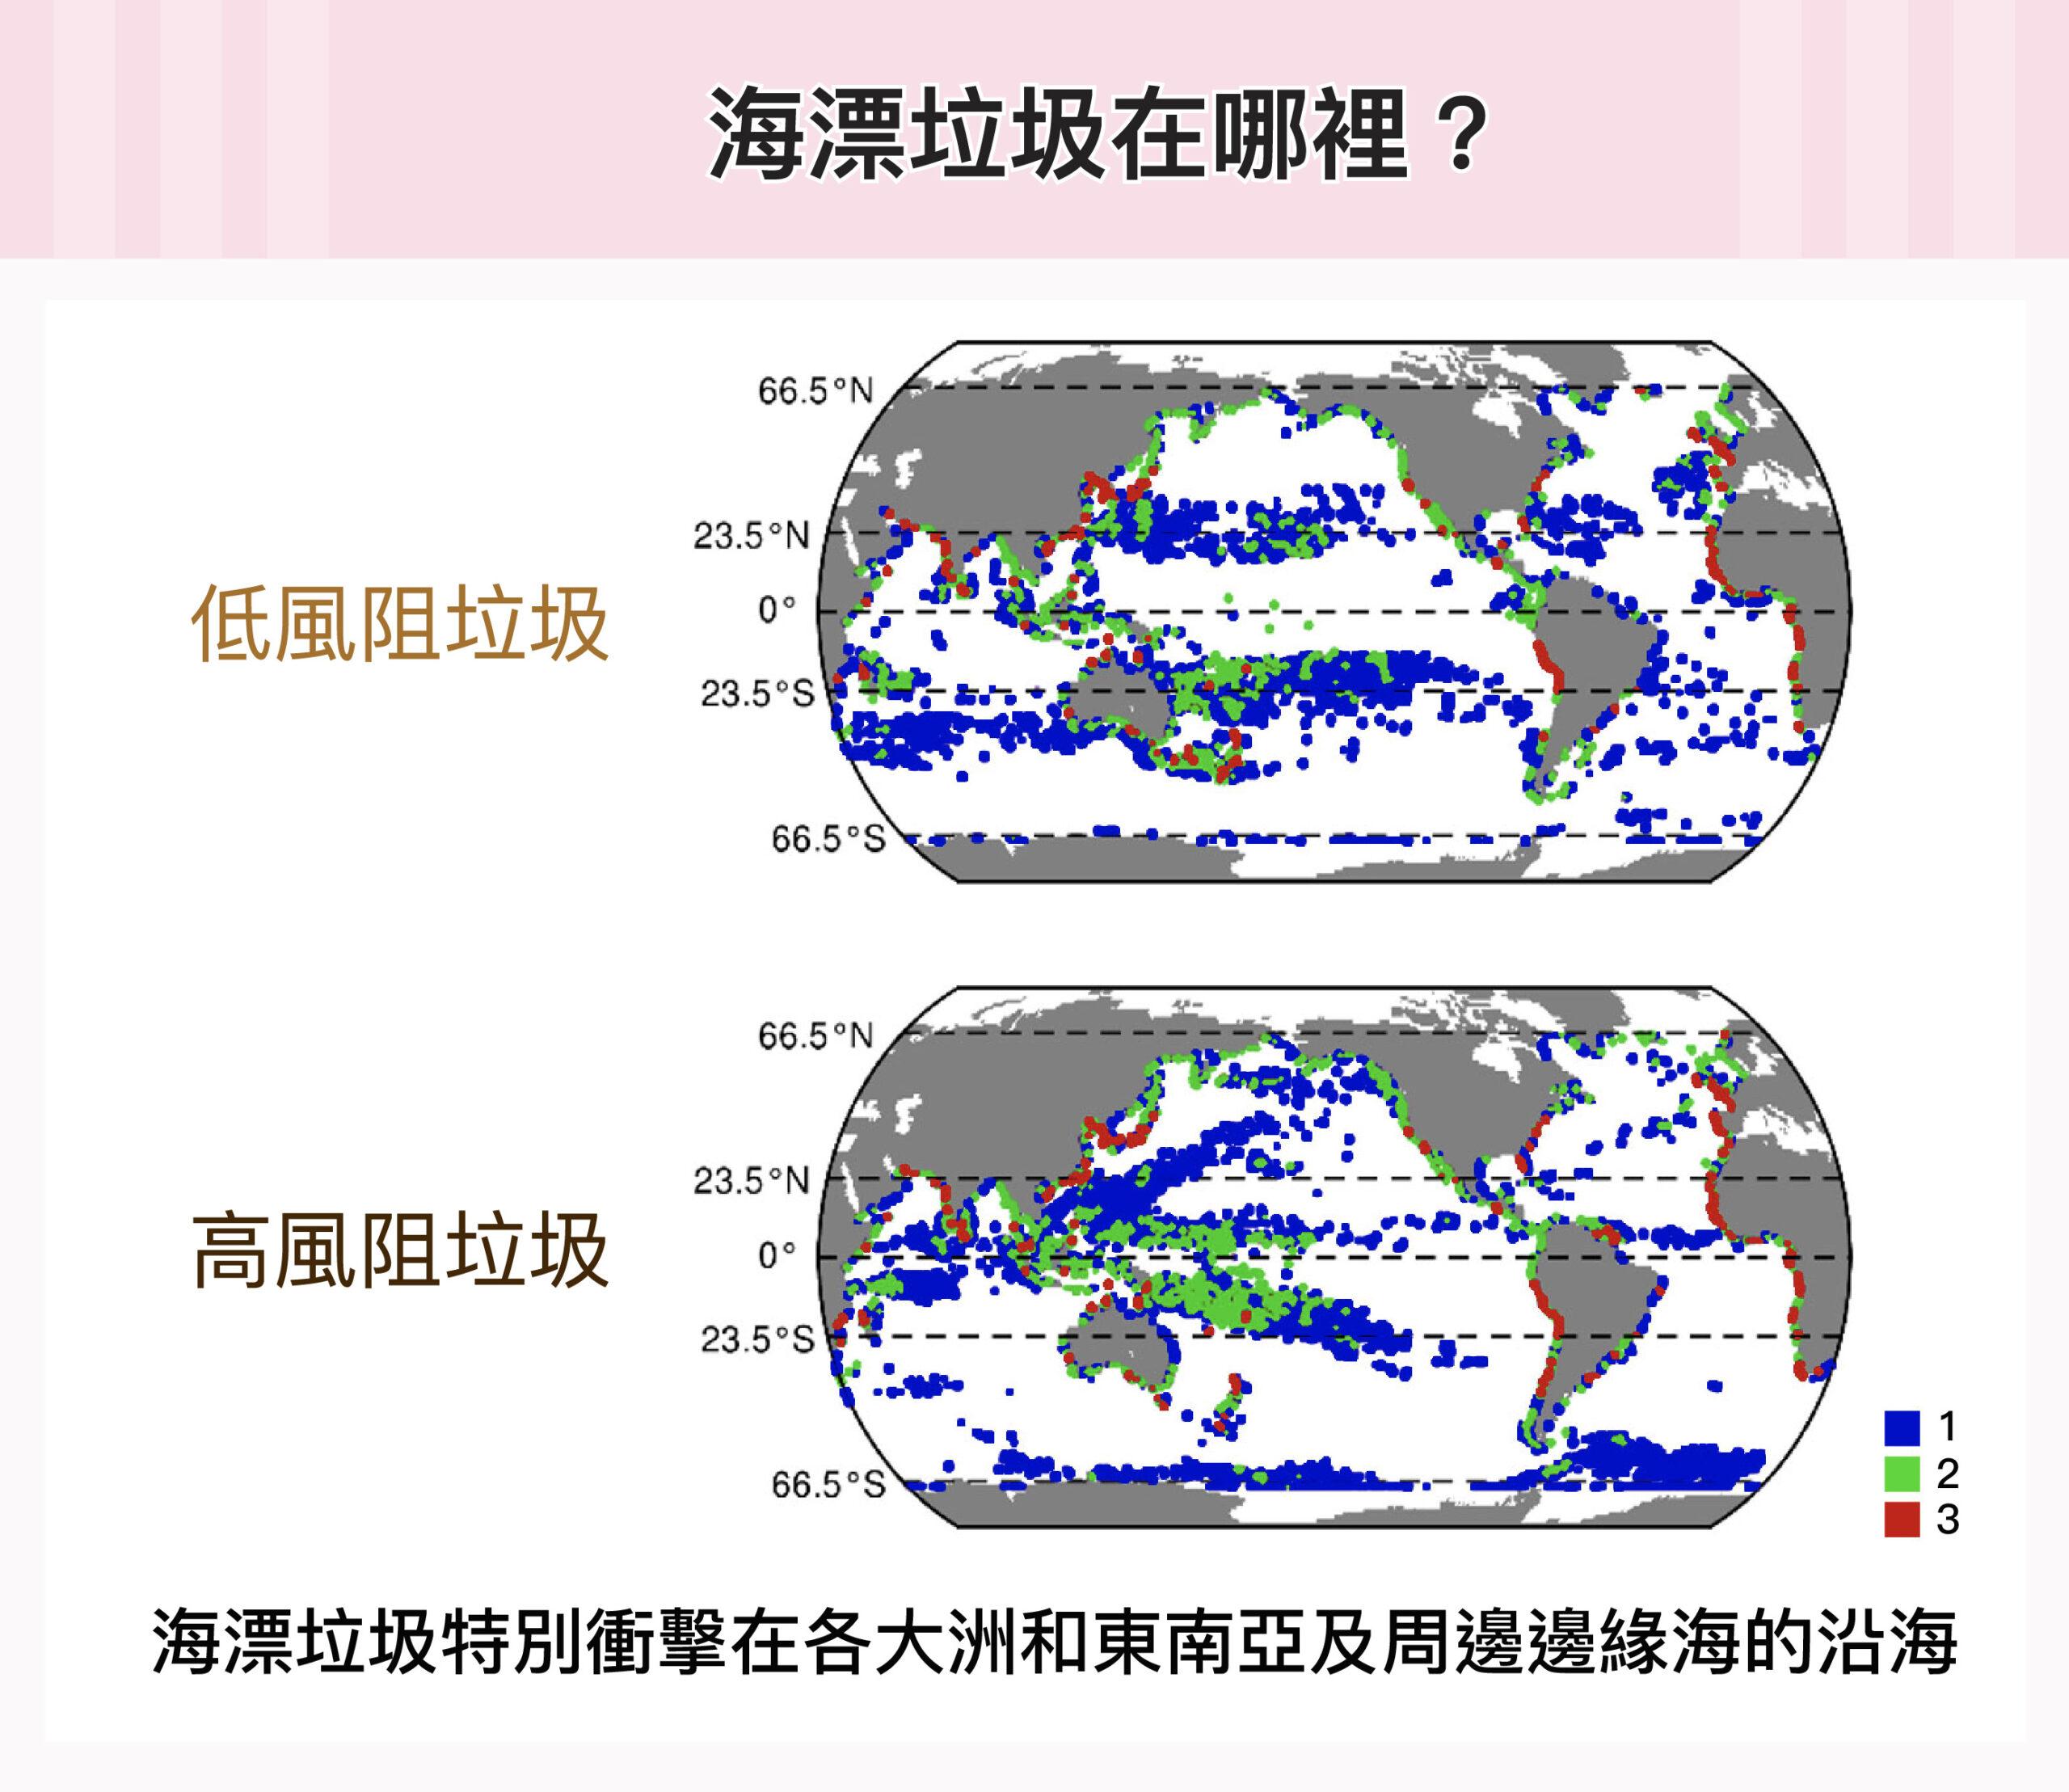 上圖為低風阻垃圾與高風阻垃圾的全球分布熱點圖。藍色記為 1,代表海漂垃圾熱點與 1 種海洋生態系服務熱點位於同一區;綠色記為 2,代表海漂垃圾與 2 種生態服務熱點區域重疊;以此類推,紅色記為 3,代表與 3 種生態服務熱點全部重合。圖│研之有物(資料來源│鄭明修)